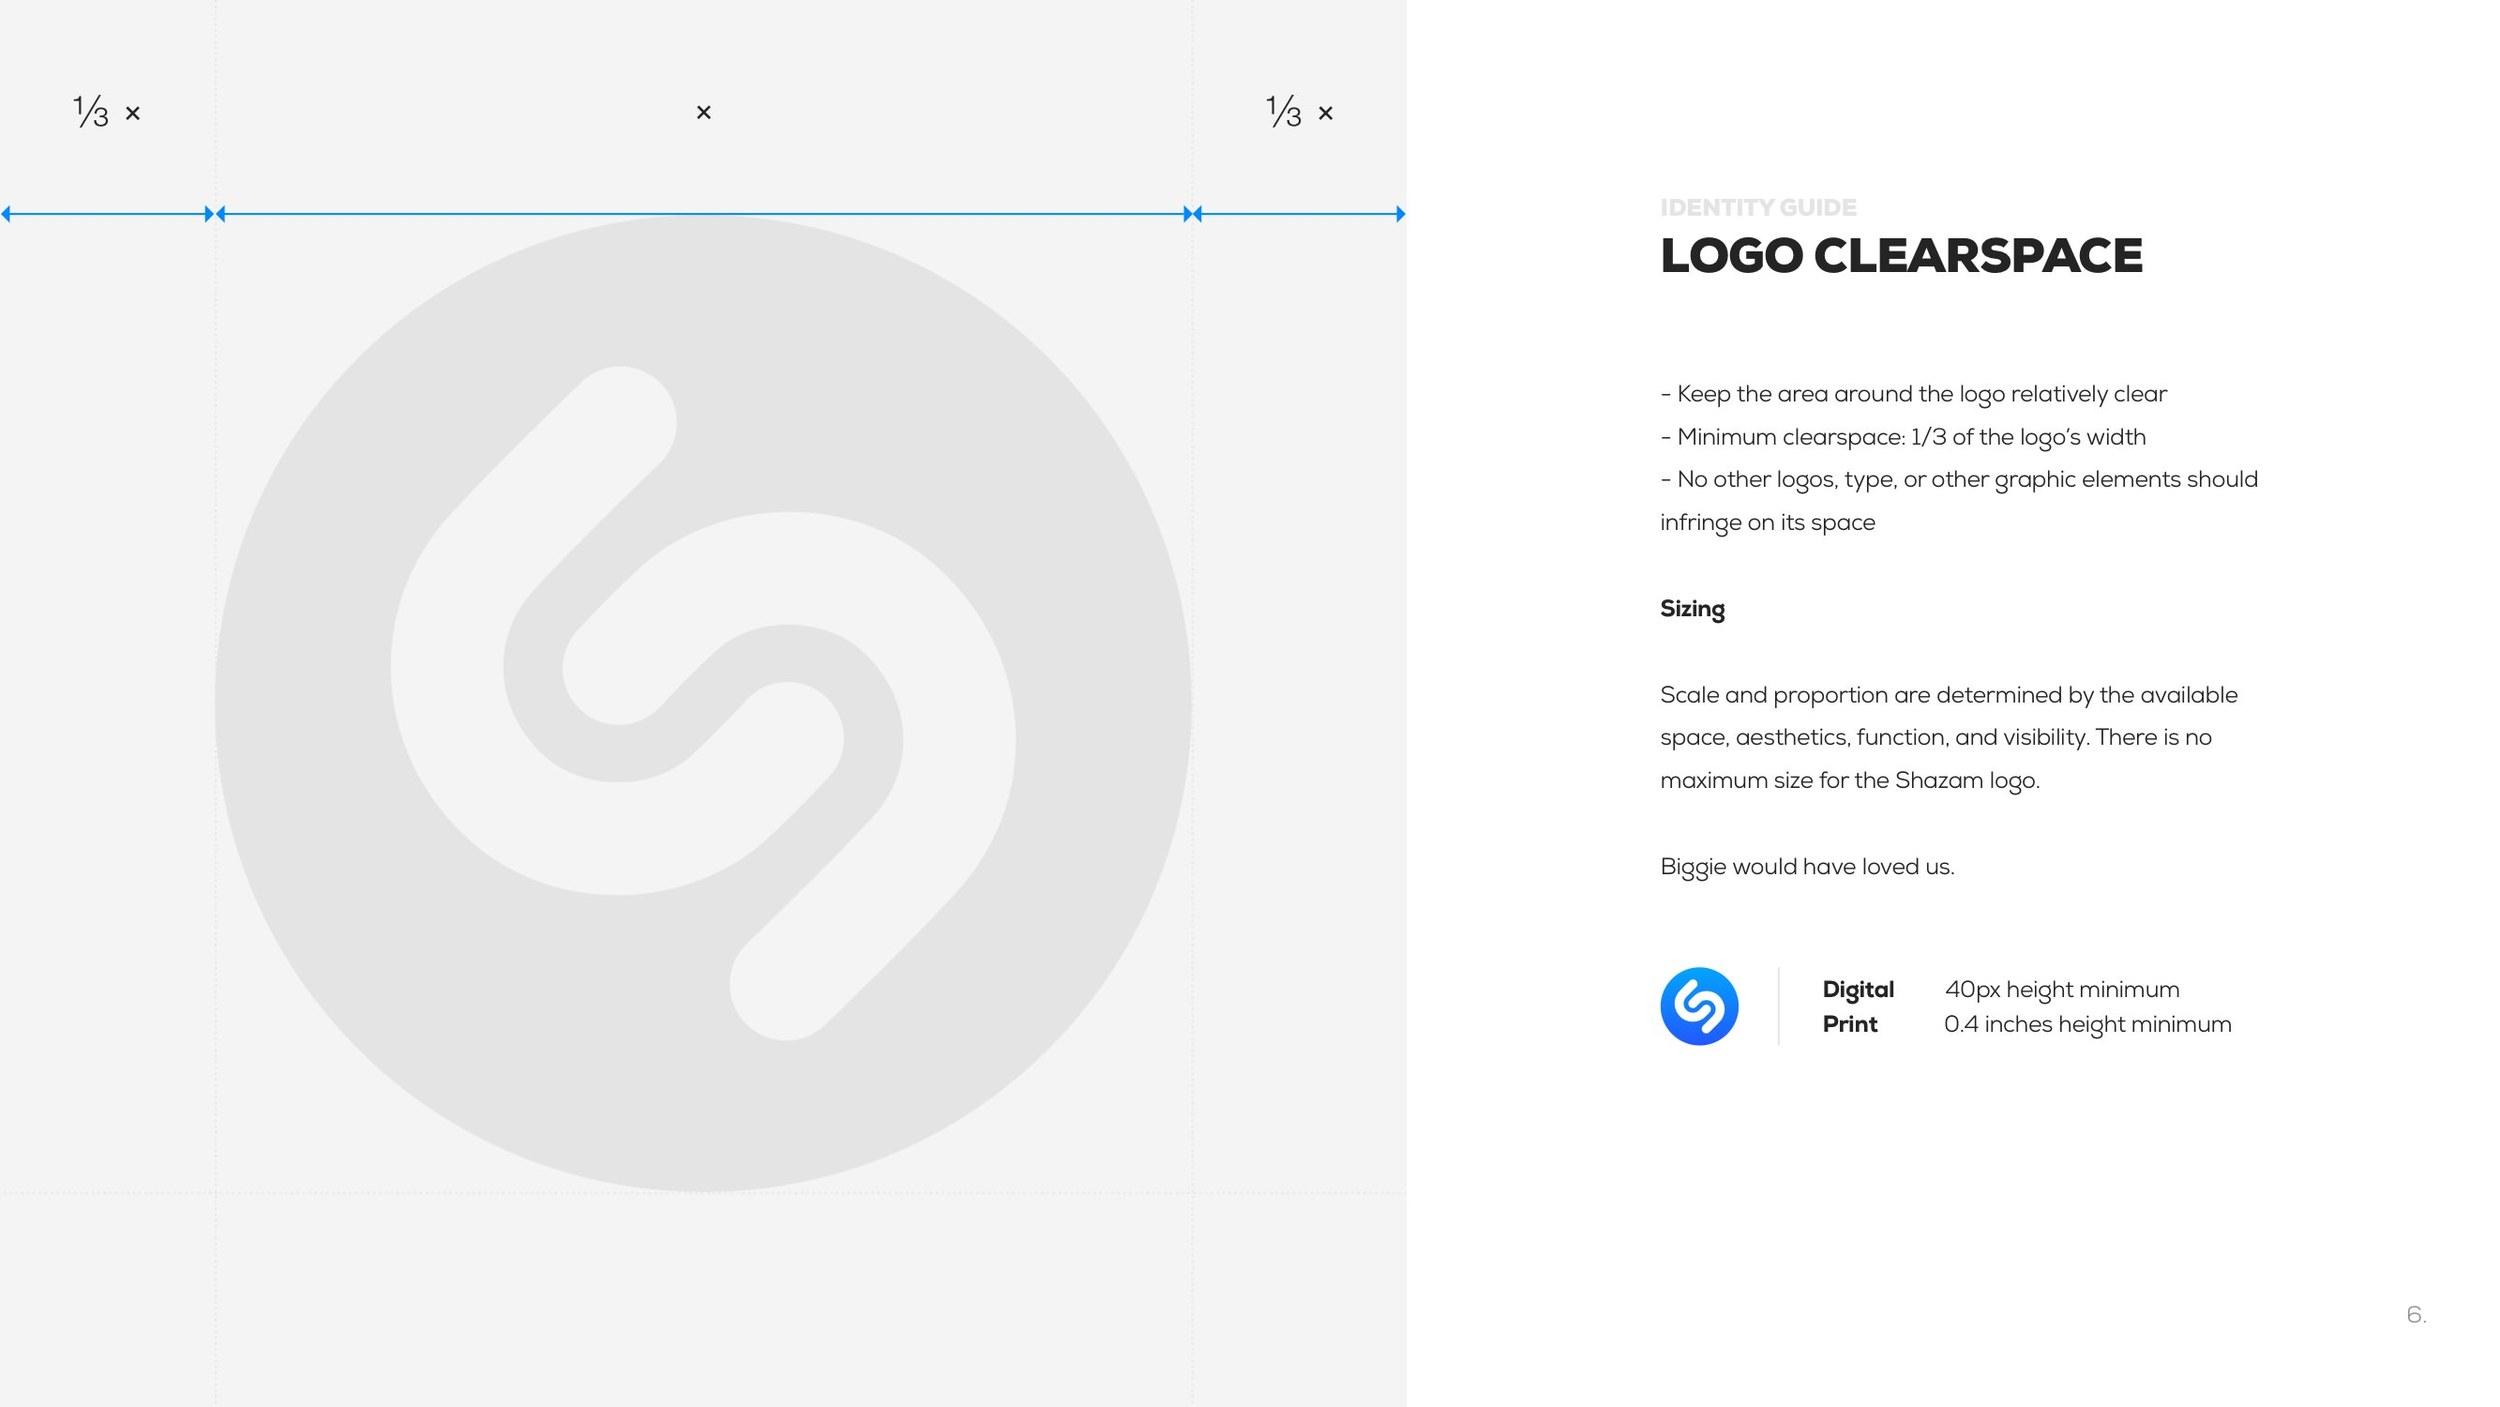 Shazam_Identity_Guidelines 122.jpeg